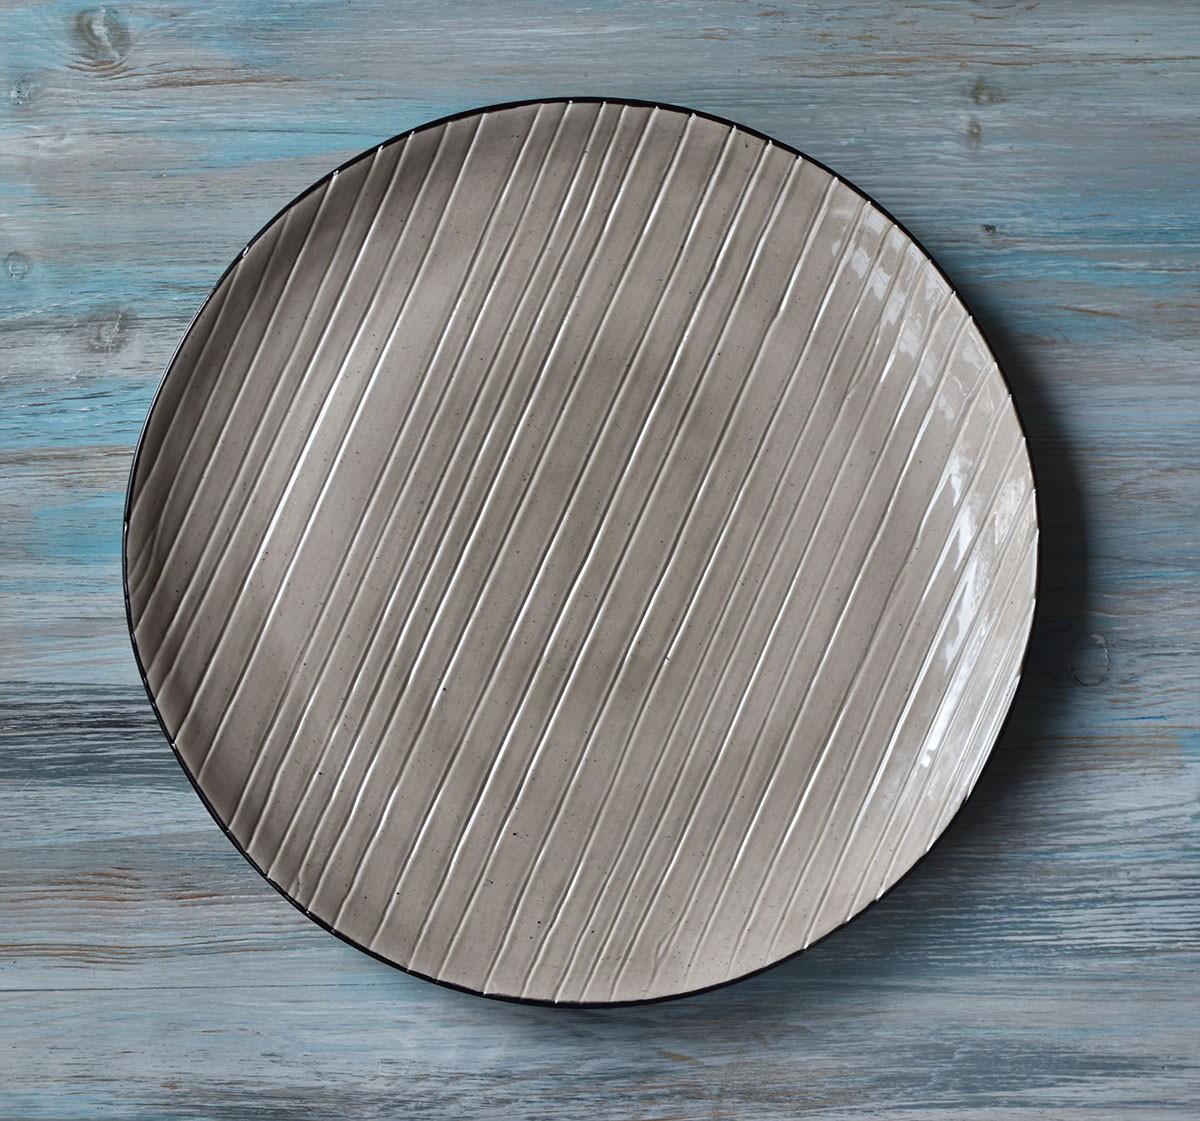 """картинка Большая керамическая тарелка ручной работы """"Полосы"""" - DishWishes.Ru"""